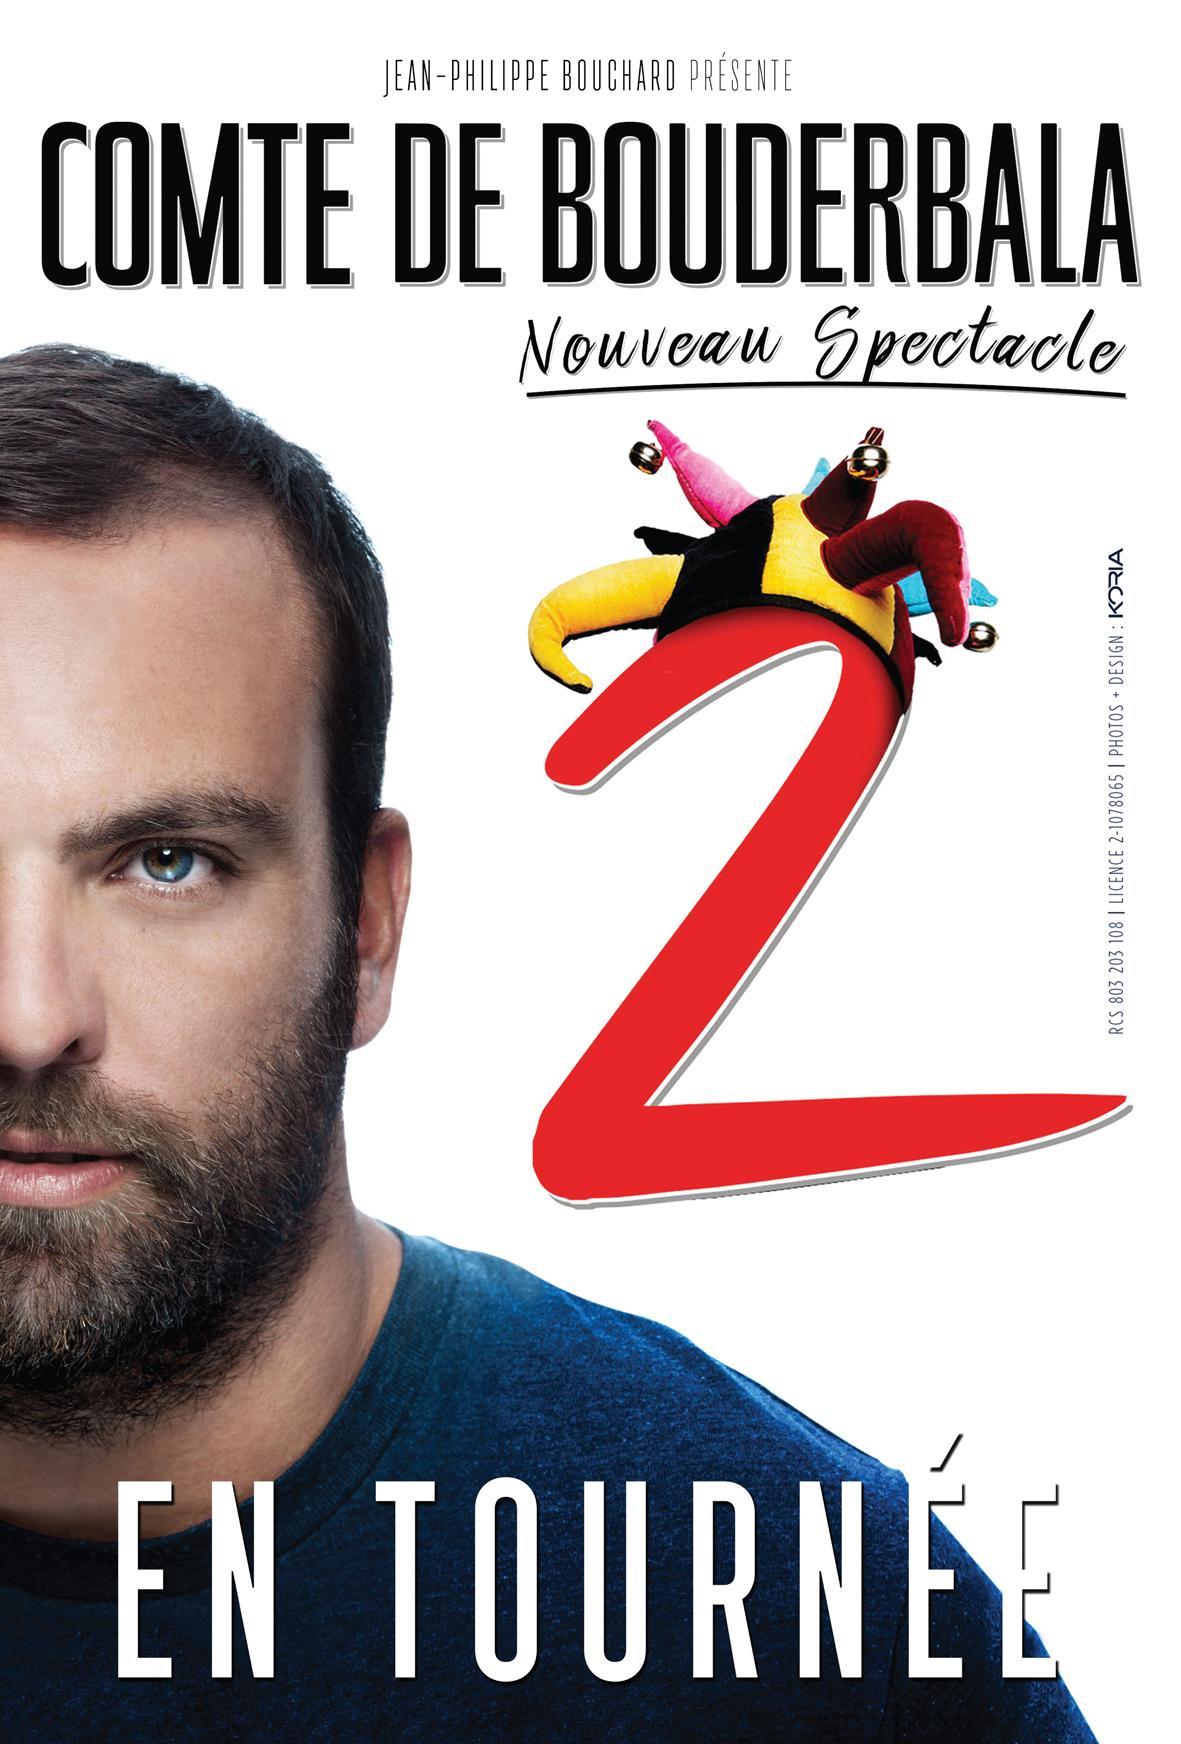 Les bons plans à Bordeaux vous offrent vos places pour le nouveau spectacle du Comte de Bouderbala le 16 décembre à Bordeaux